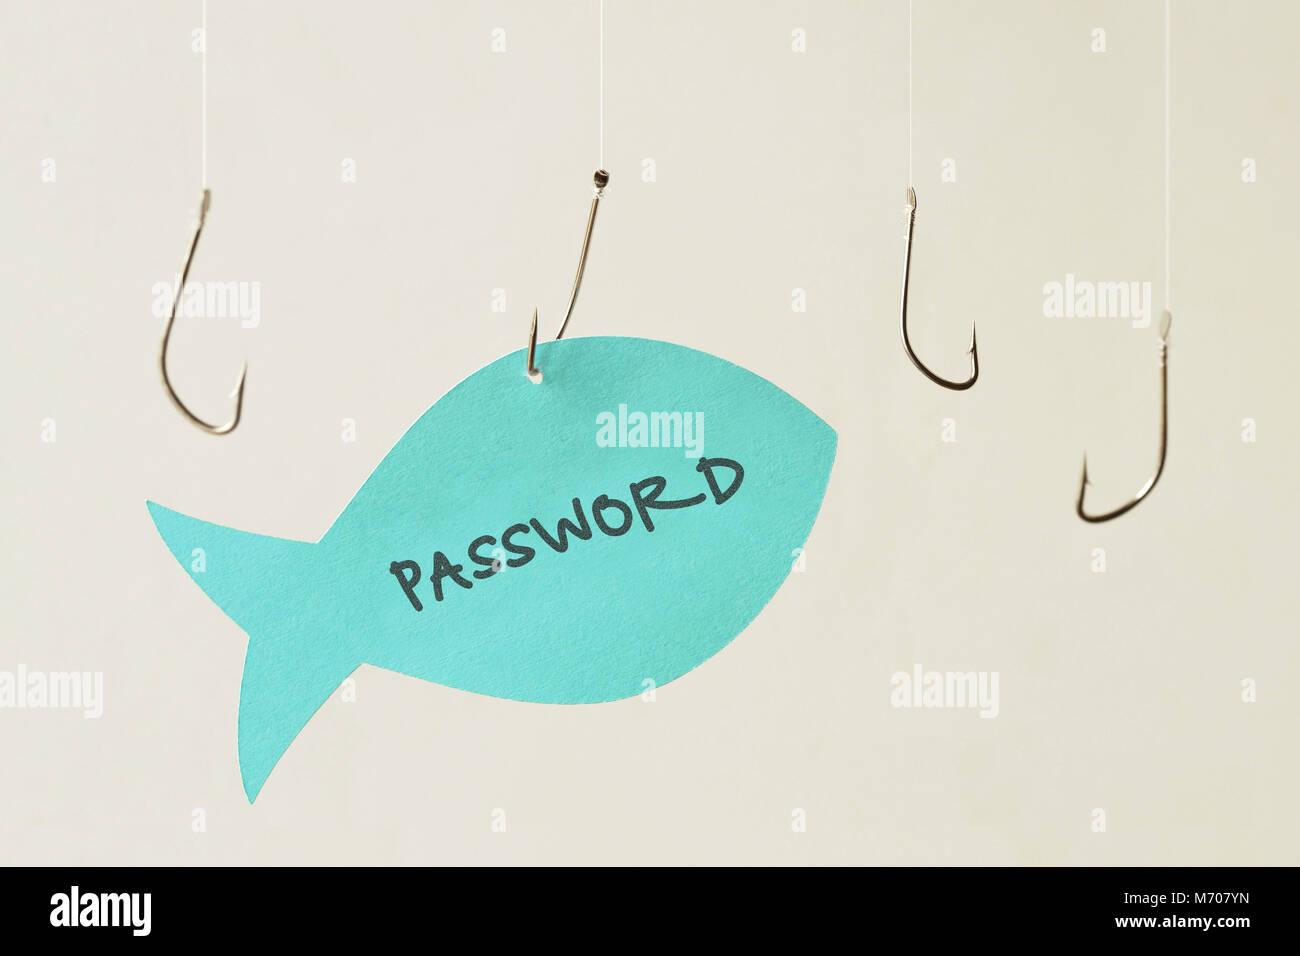 Fisch Haken und Kennwort auf einem Papier Hinweis in Form eines Fisches geschrieben - Phishing und Internet Security Stockbild